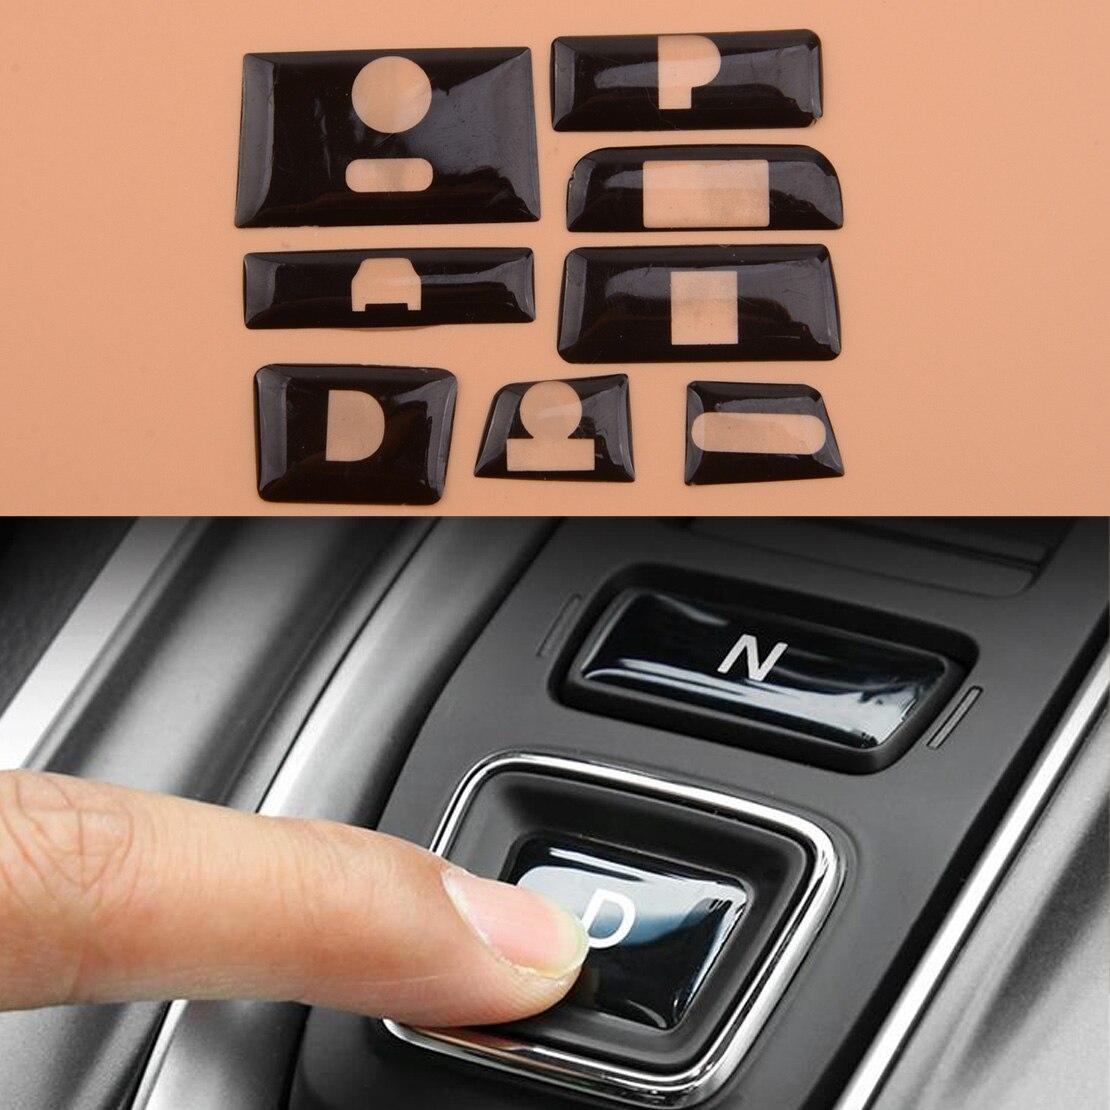 8 teile/satz Glänzend Schwarz Innere Getriebe Shift Schalter Taste Schutz Abdeckung fit für Honda Accord 2018 2019 2020